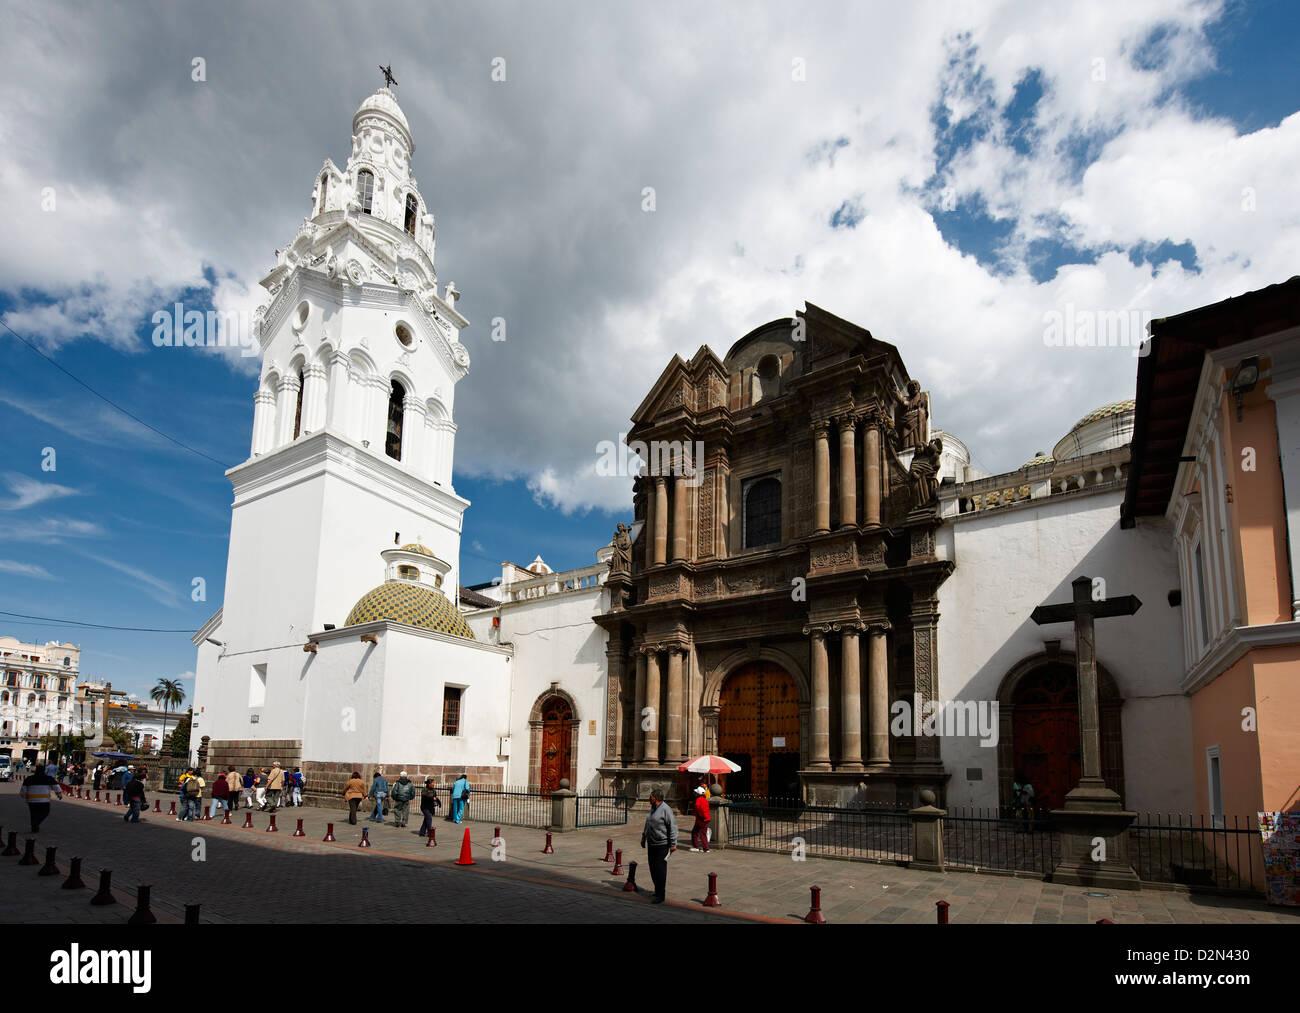 La Iglesia El Sarario, centro storico di Quito, Ecuador Immagini Stock